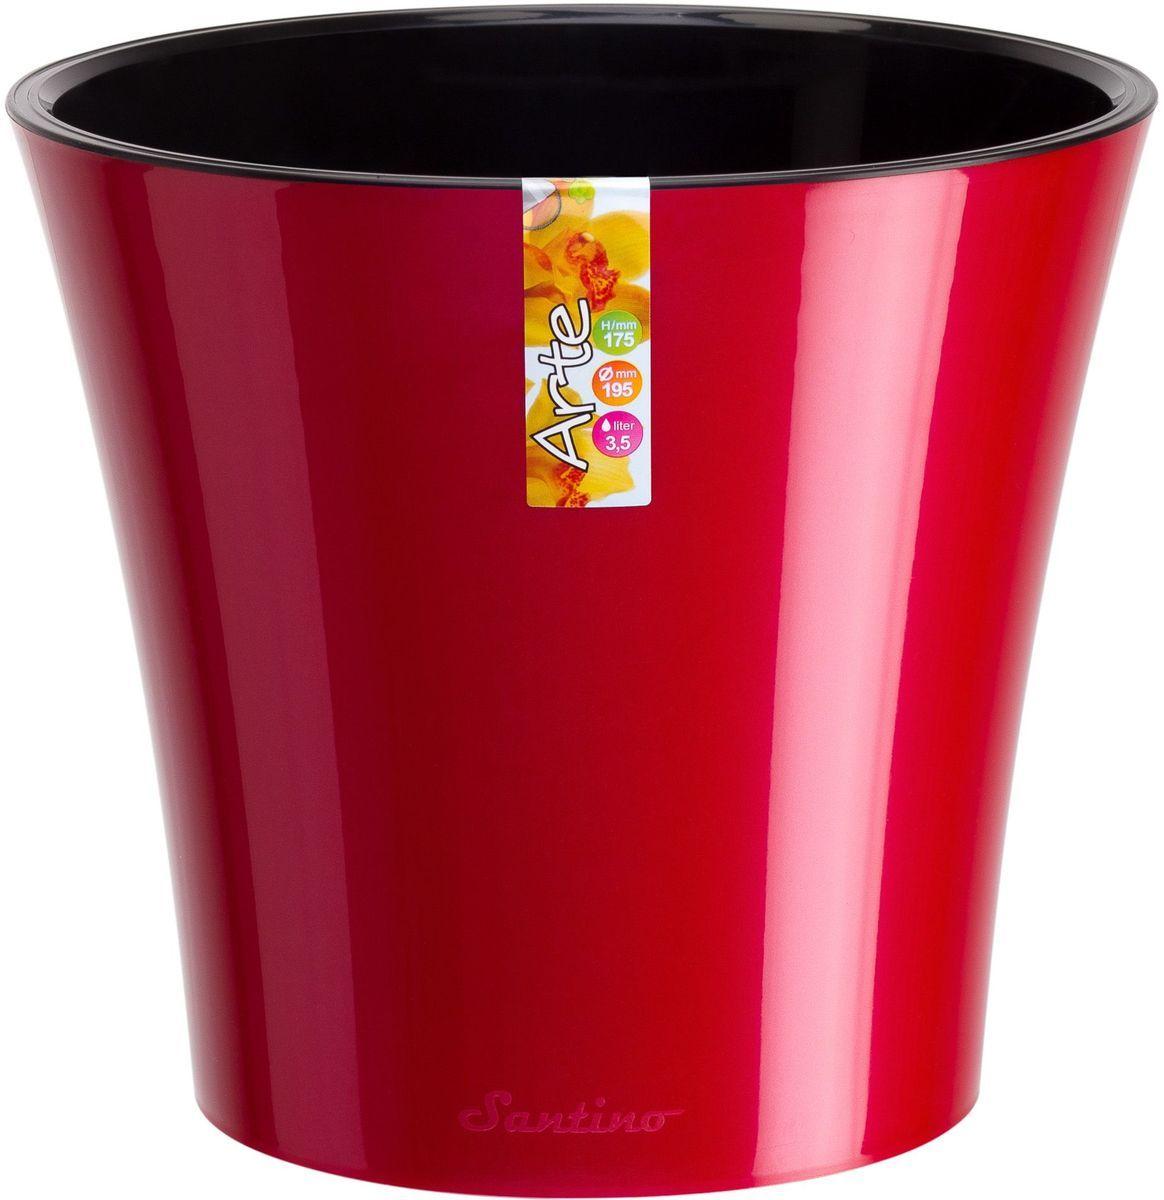 Горшок цветочный Santino Арте, двойной, с системой автополива, цвет: красный, черный, 1,2 л531-401Горшок цветочный Santino Арте снабжен дренажной системой и состоит из кашпо и вазона-вкладыша. Изготовлен из пластика. Особенность: тарелочка или блюдце не нужны. Горшок предназначен для любых растений или цветов. Цветочный дренаж – это система, которая позволяет выводить лишнюю влагу через корневую систему цветка и слой почвы. Растение – это живой организм, следовательно, ему необходимо дышать. В доступе к кислороду нуждаются все части растения: -листья; -корневая система. Если цветовод по какой-либо причине зальет цветок водой, то она буквально вытеснит из почвенного слоя все пузырьки кислорода. Анаэробная среда способствует развитию различного рода бактерий. Безвоздушная среда приводит к загниванию корневой системы, цветок в результате увядает. Суть работы дренажной системы заключается в том, чтобы осуществлять отвод лишней влаги от растения и давать возможность корневой системе дышать без проблем. Следовательно, каждому цветку необходимо: -иметь в основании цветочного горшочка хотя бы одно небольшое дренажное отверстие. Оно необходимо для того, чтобы через него выходила лишняя вода, плюс ко всему это отверстие дает возможность циркулировать воздух. -на самом дне горшка необходимо выложить слоем в 2-5 см (зависит от вида растения) дренаж.УВАЖАЕМЫЕ КЛИЕНТЫ!Обращаем ваше внимание на тот факт, что фото изделия служит для визуального восприятия товара. Литраж и размеры, представленные на этикетке товара, могут по факту отличаться от реальных. Корректные данные в поле Размеры.